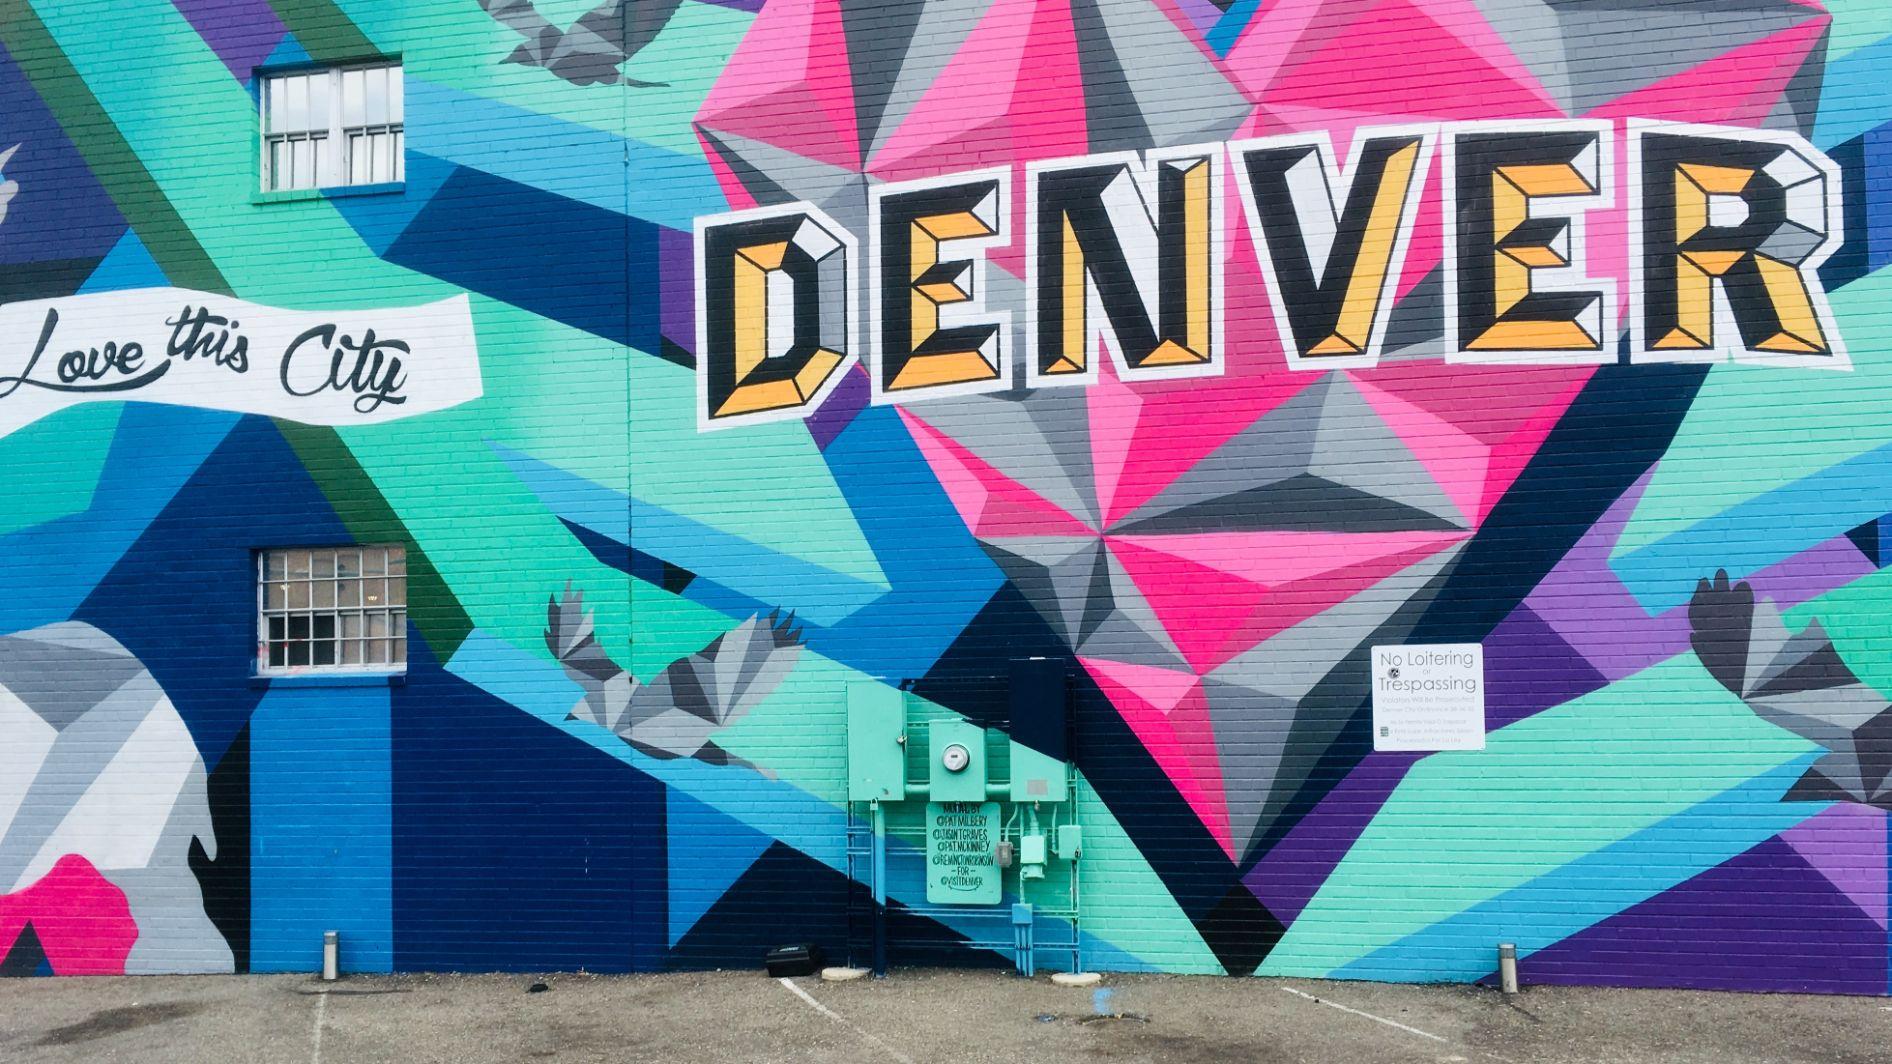 Colorful 'Denver' sign street art